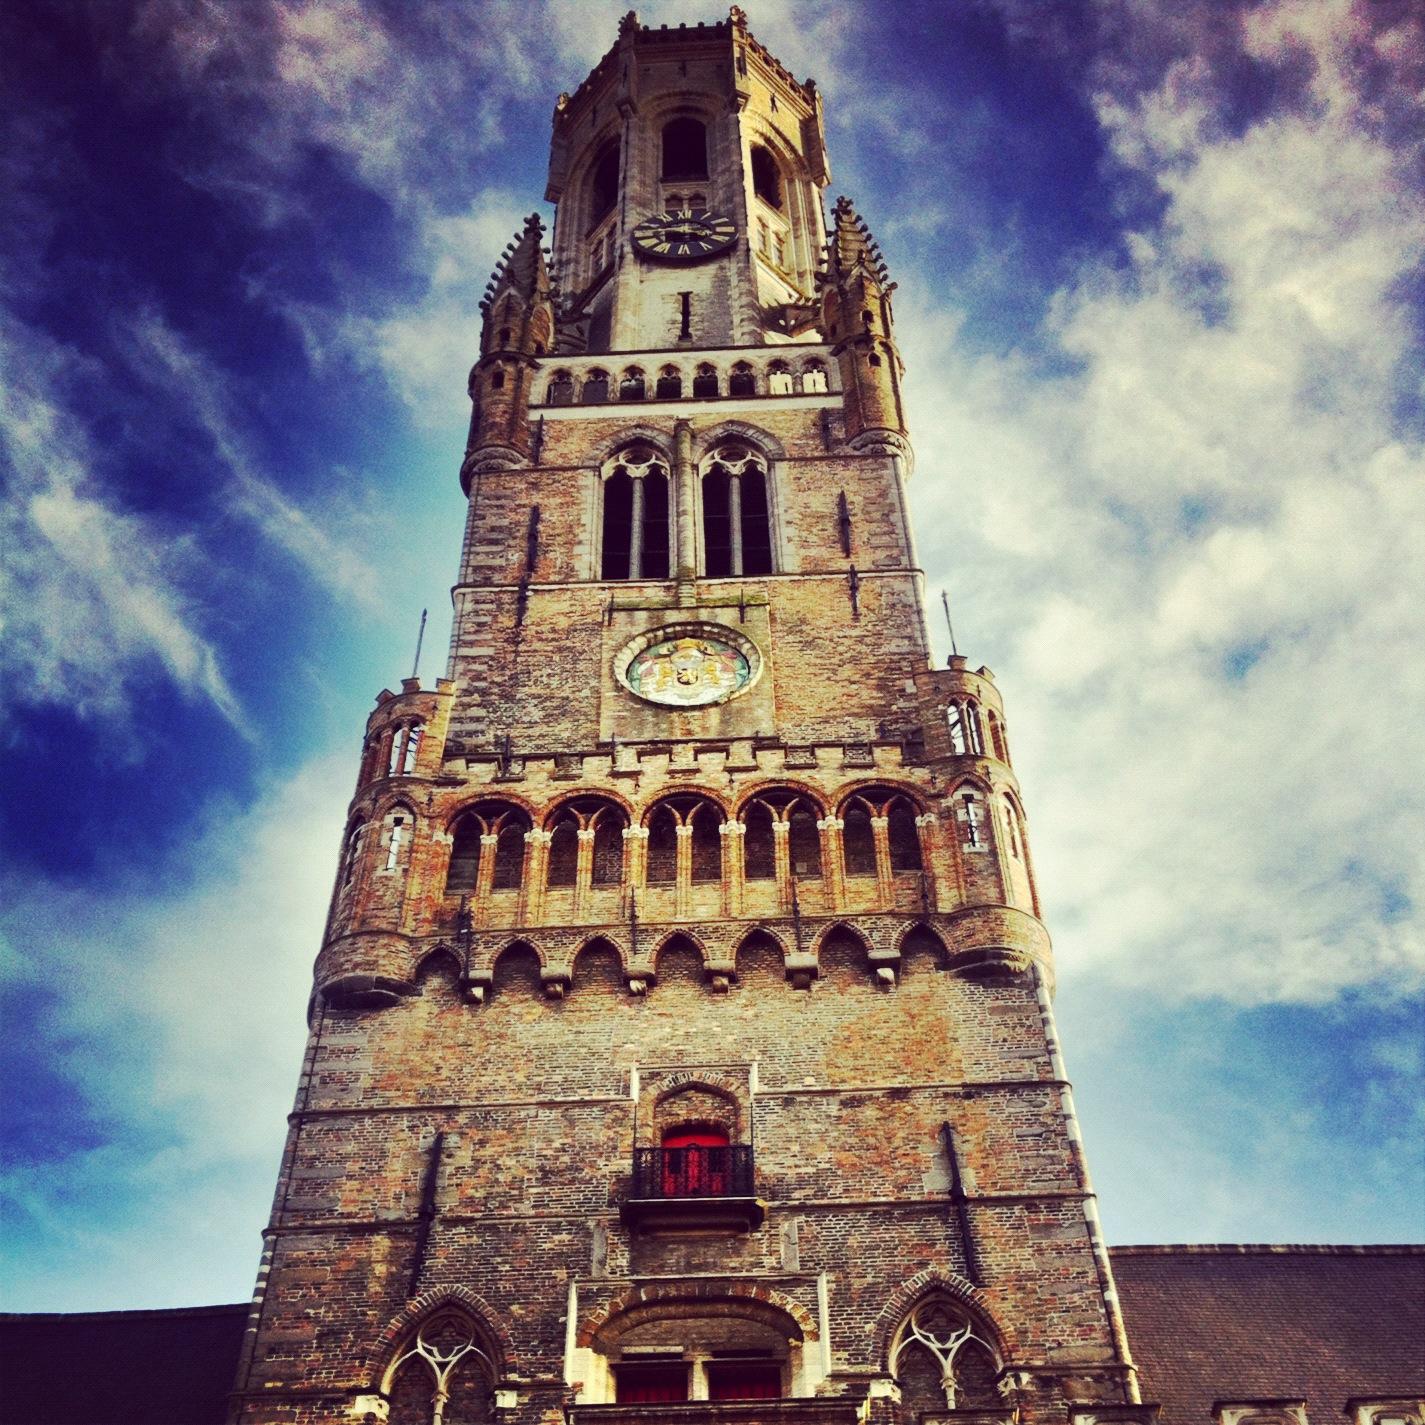 Belfry Tower, Bruges, Belgium